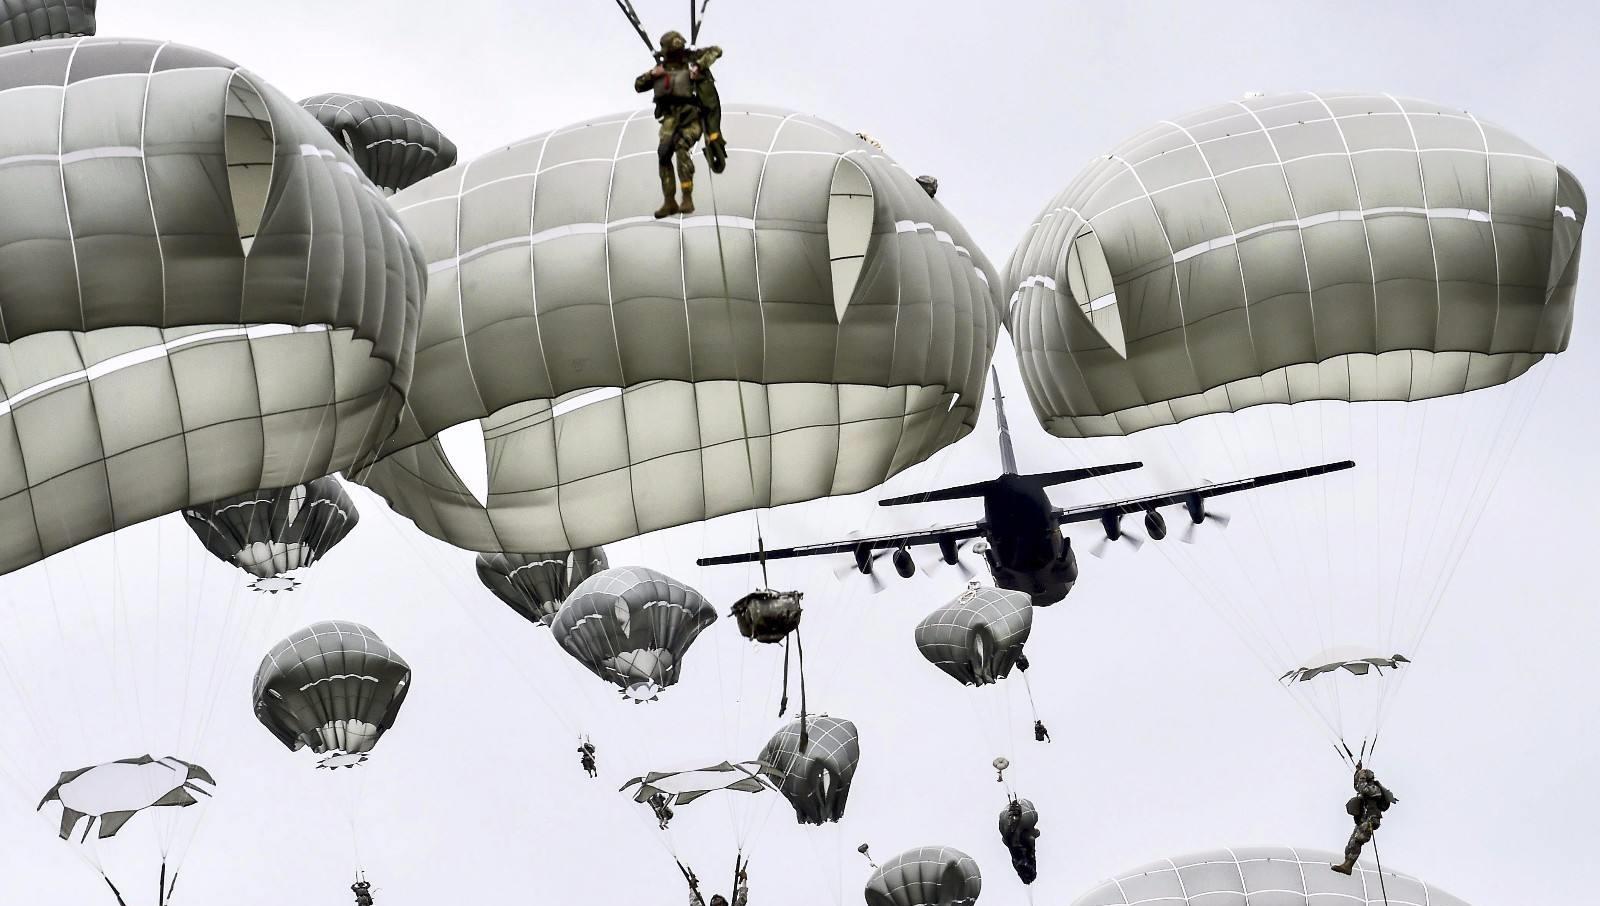 为什么打仗不能射击已经跳伞的飞行员?